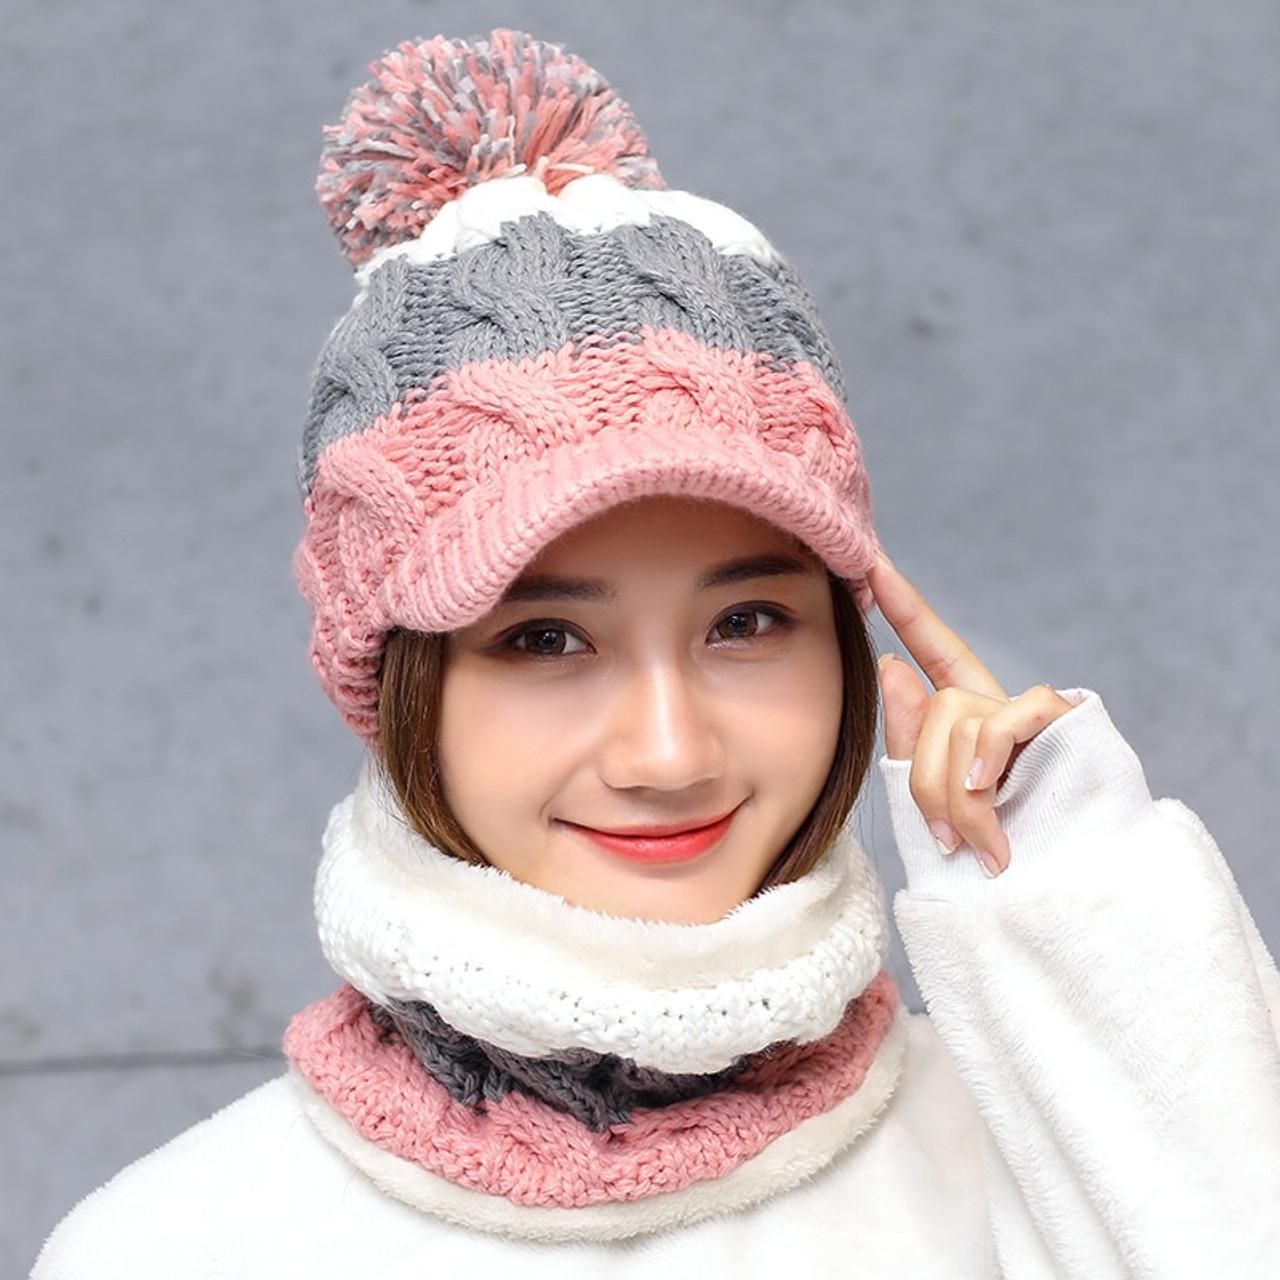 Balaclava Women's Knitted Hat Scarf Caps Neck Warmer Winter Hats For Men Women  Skullies Beanies Warm Fleece Cap 6 Colors - OnshopDeals.Com